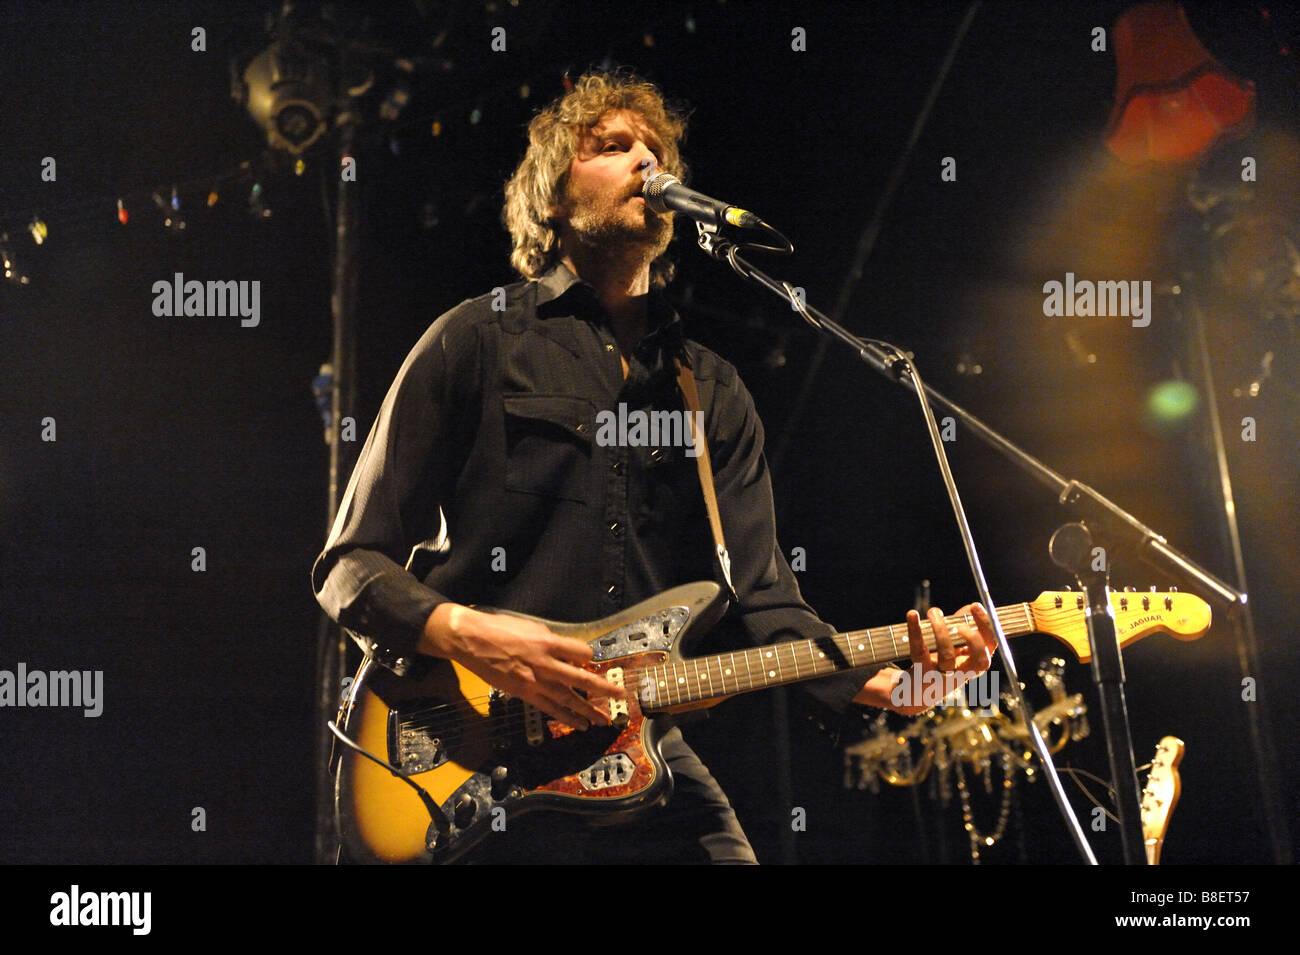 Brother and sister, new band, Joe Gideon and The Shark gig at Wolverhampton, January 2009. Joe on guitar. - Stock Image